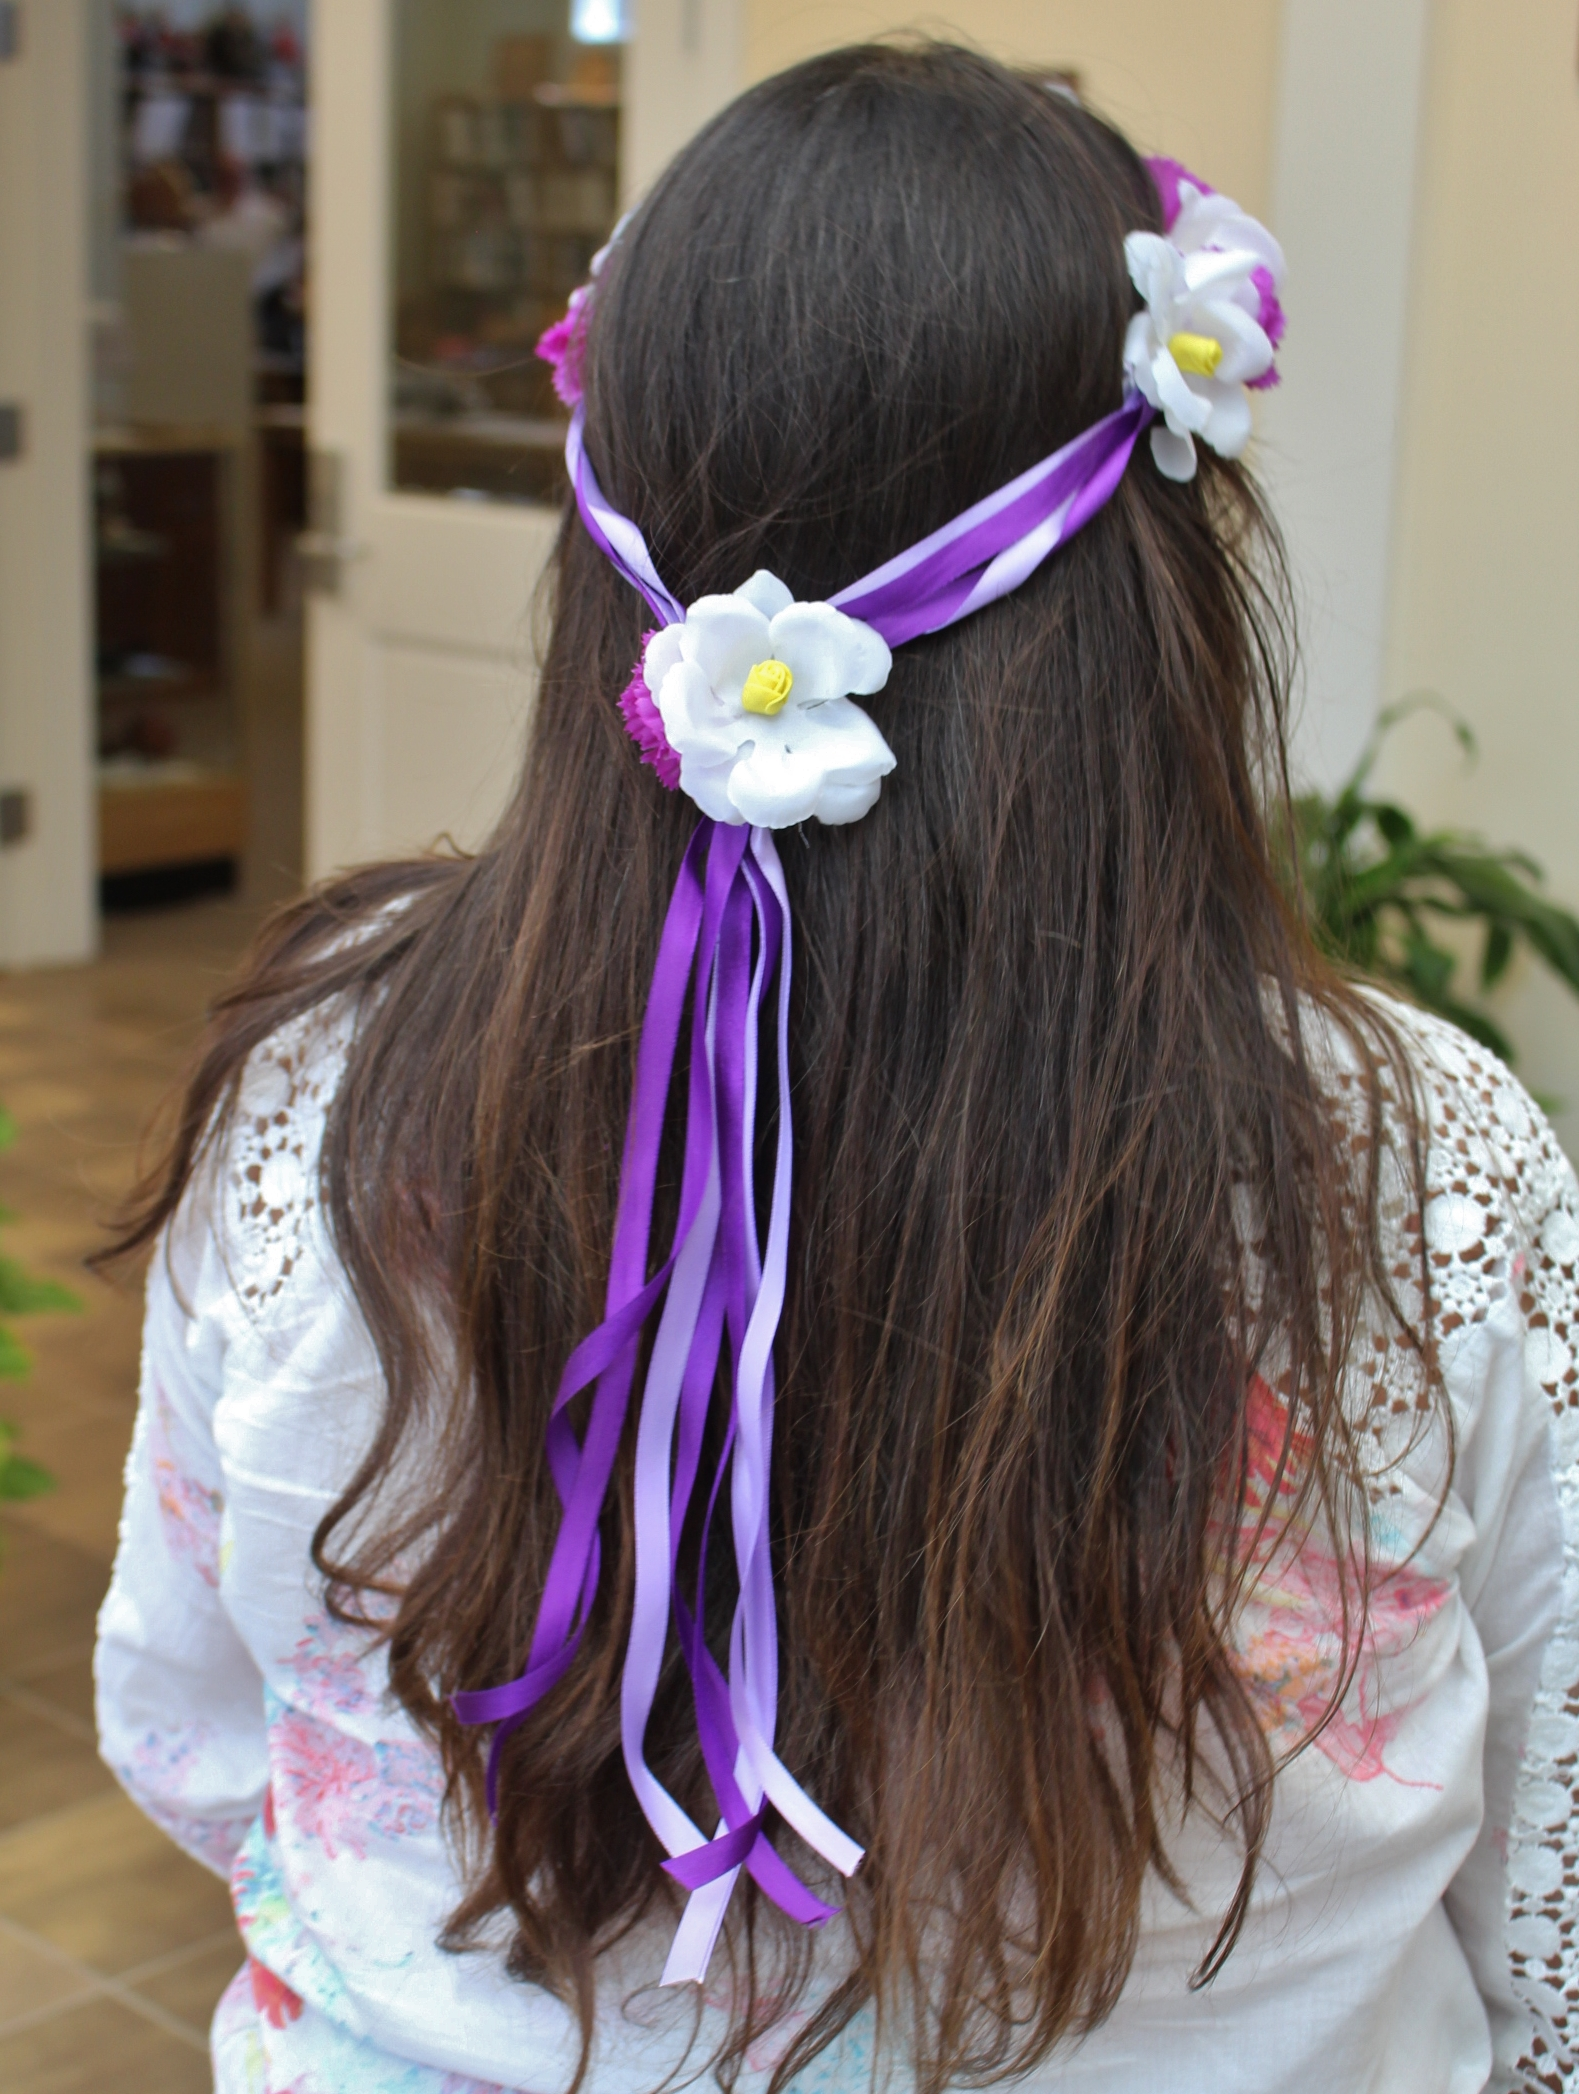 Hair ribbons2.jpg